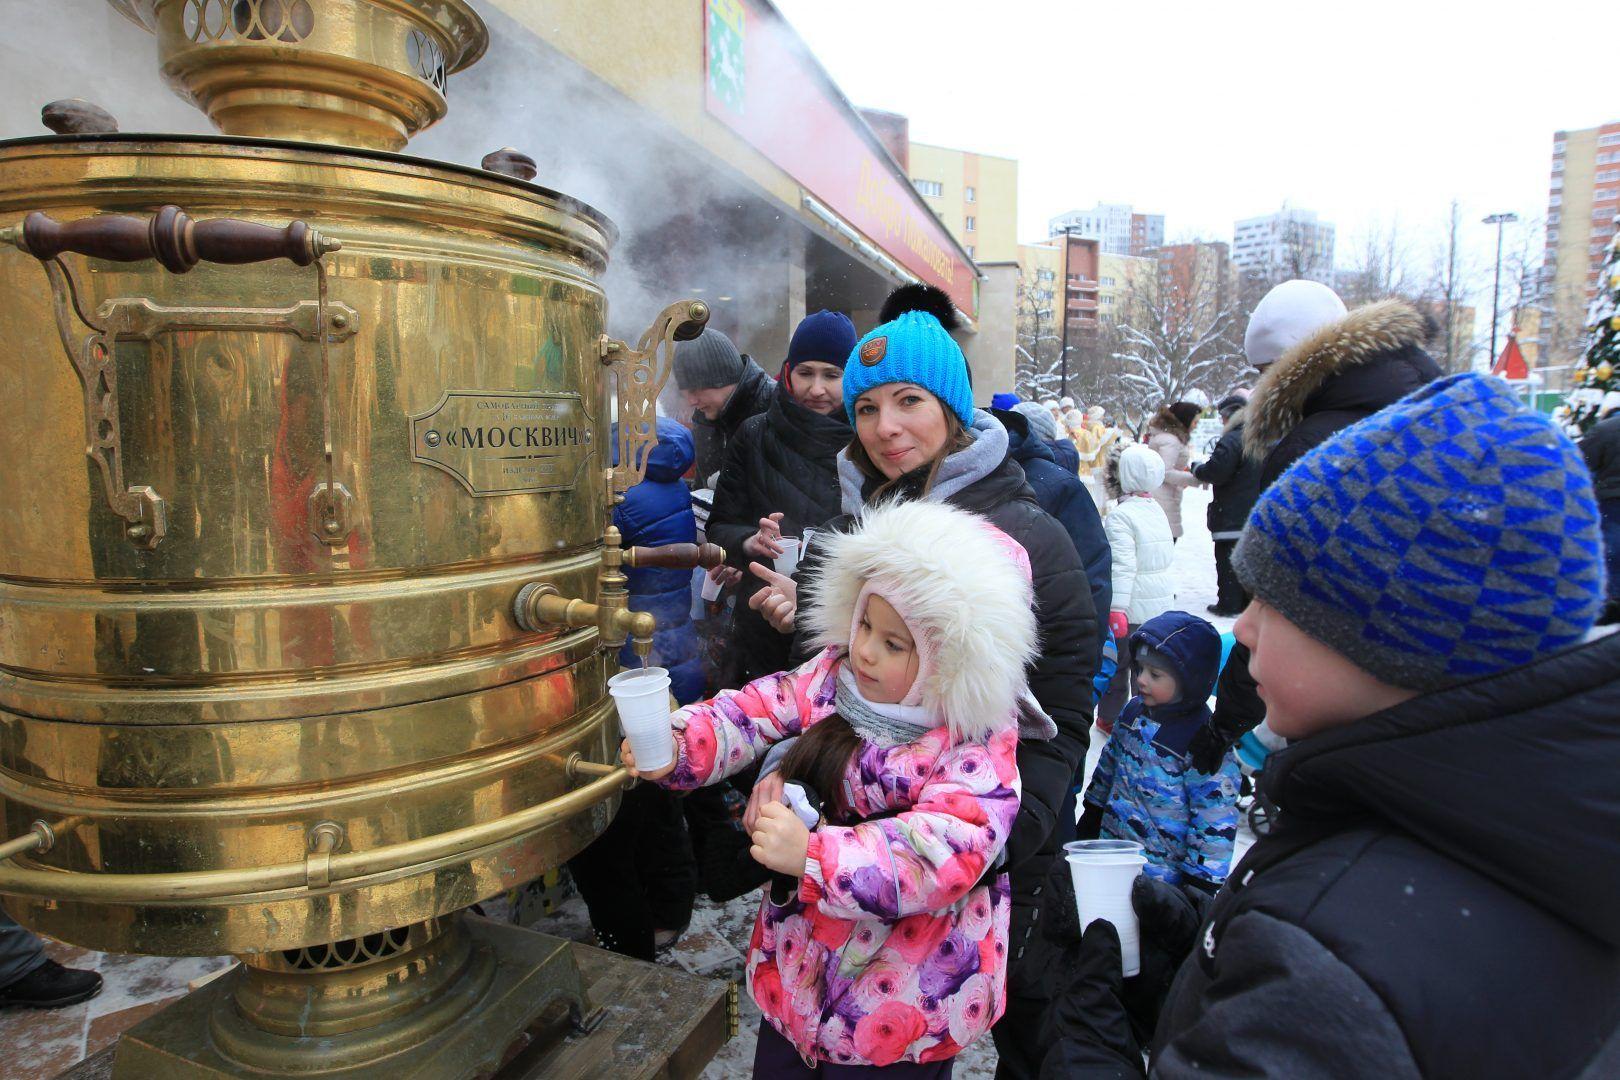 5 января 2019 года. Сосенское. Наталья Камурова с дочерью Анастасией с удовольствием угощаются ароматным чаем. На морозе — это очень хорошо. Фото: Владимир Смоляков